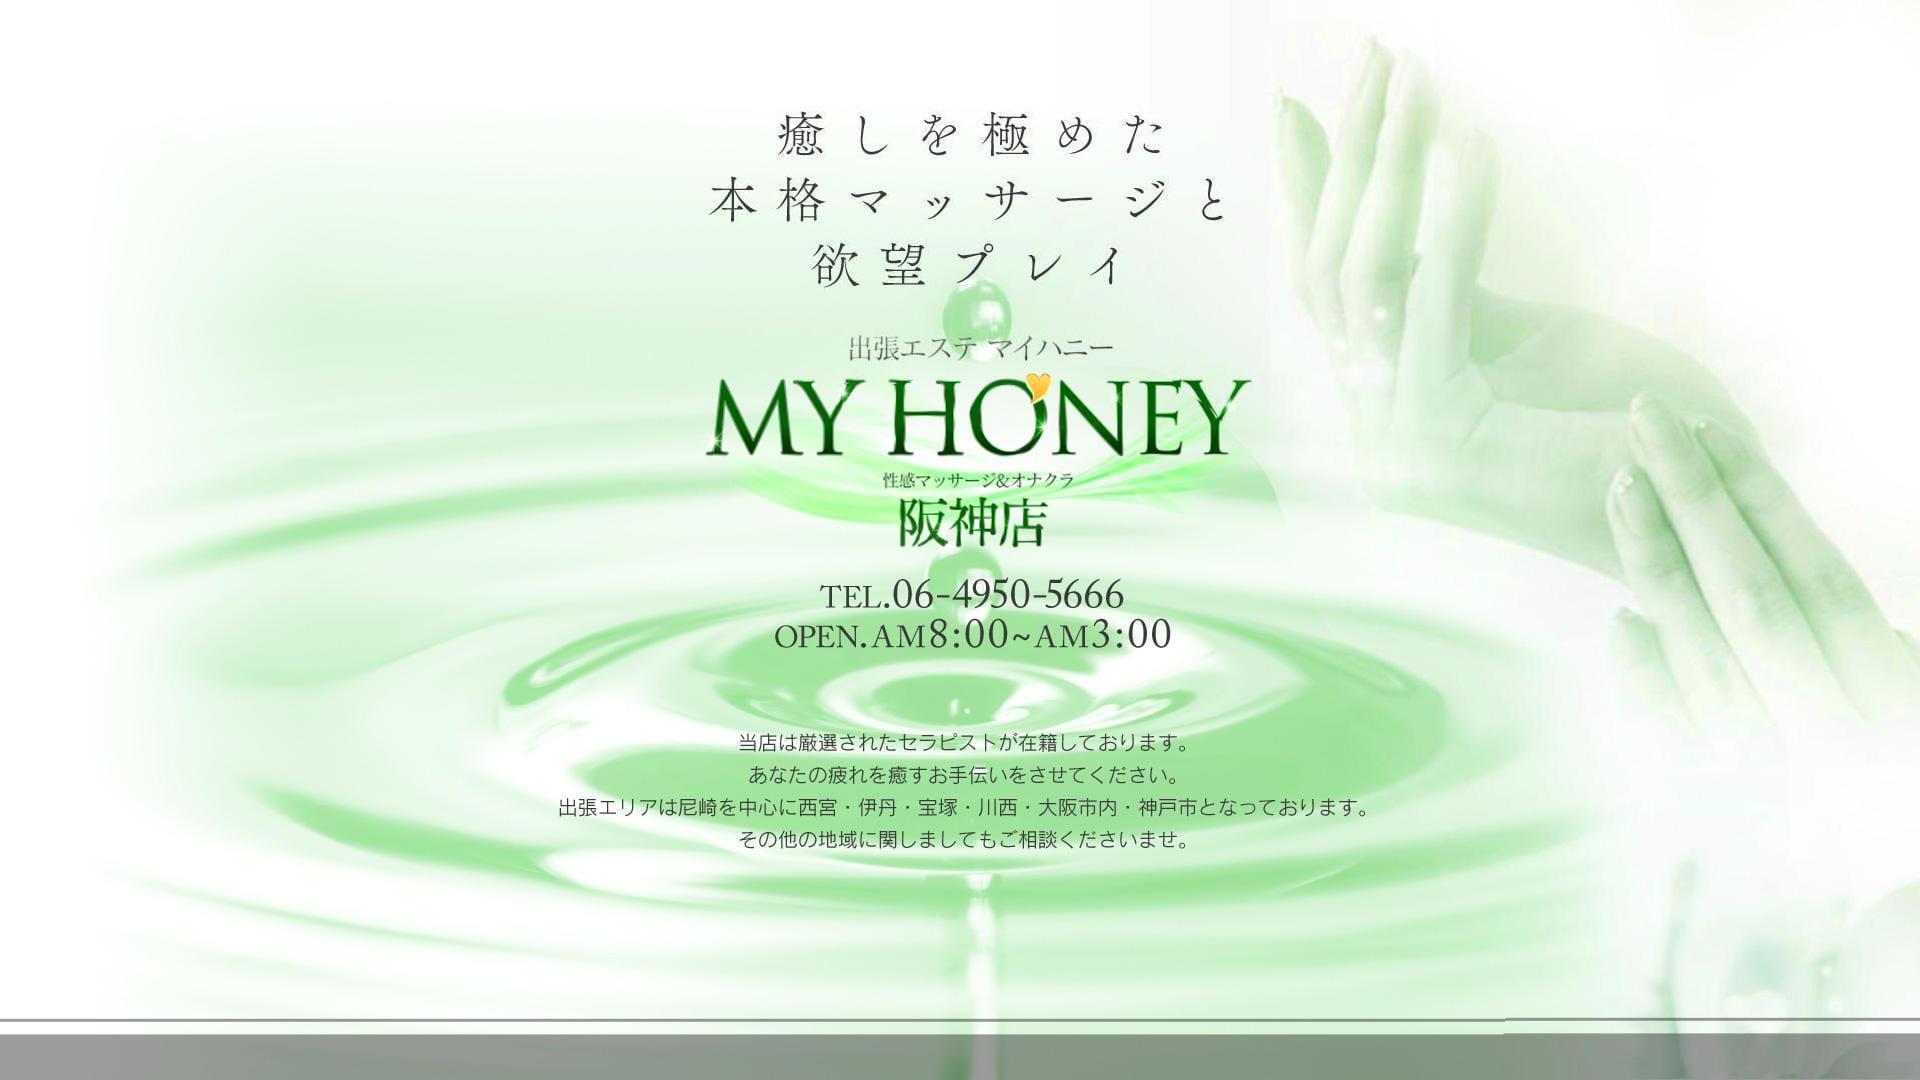 出張エステ MY HONEY(マイハニー)